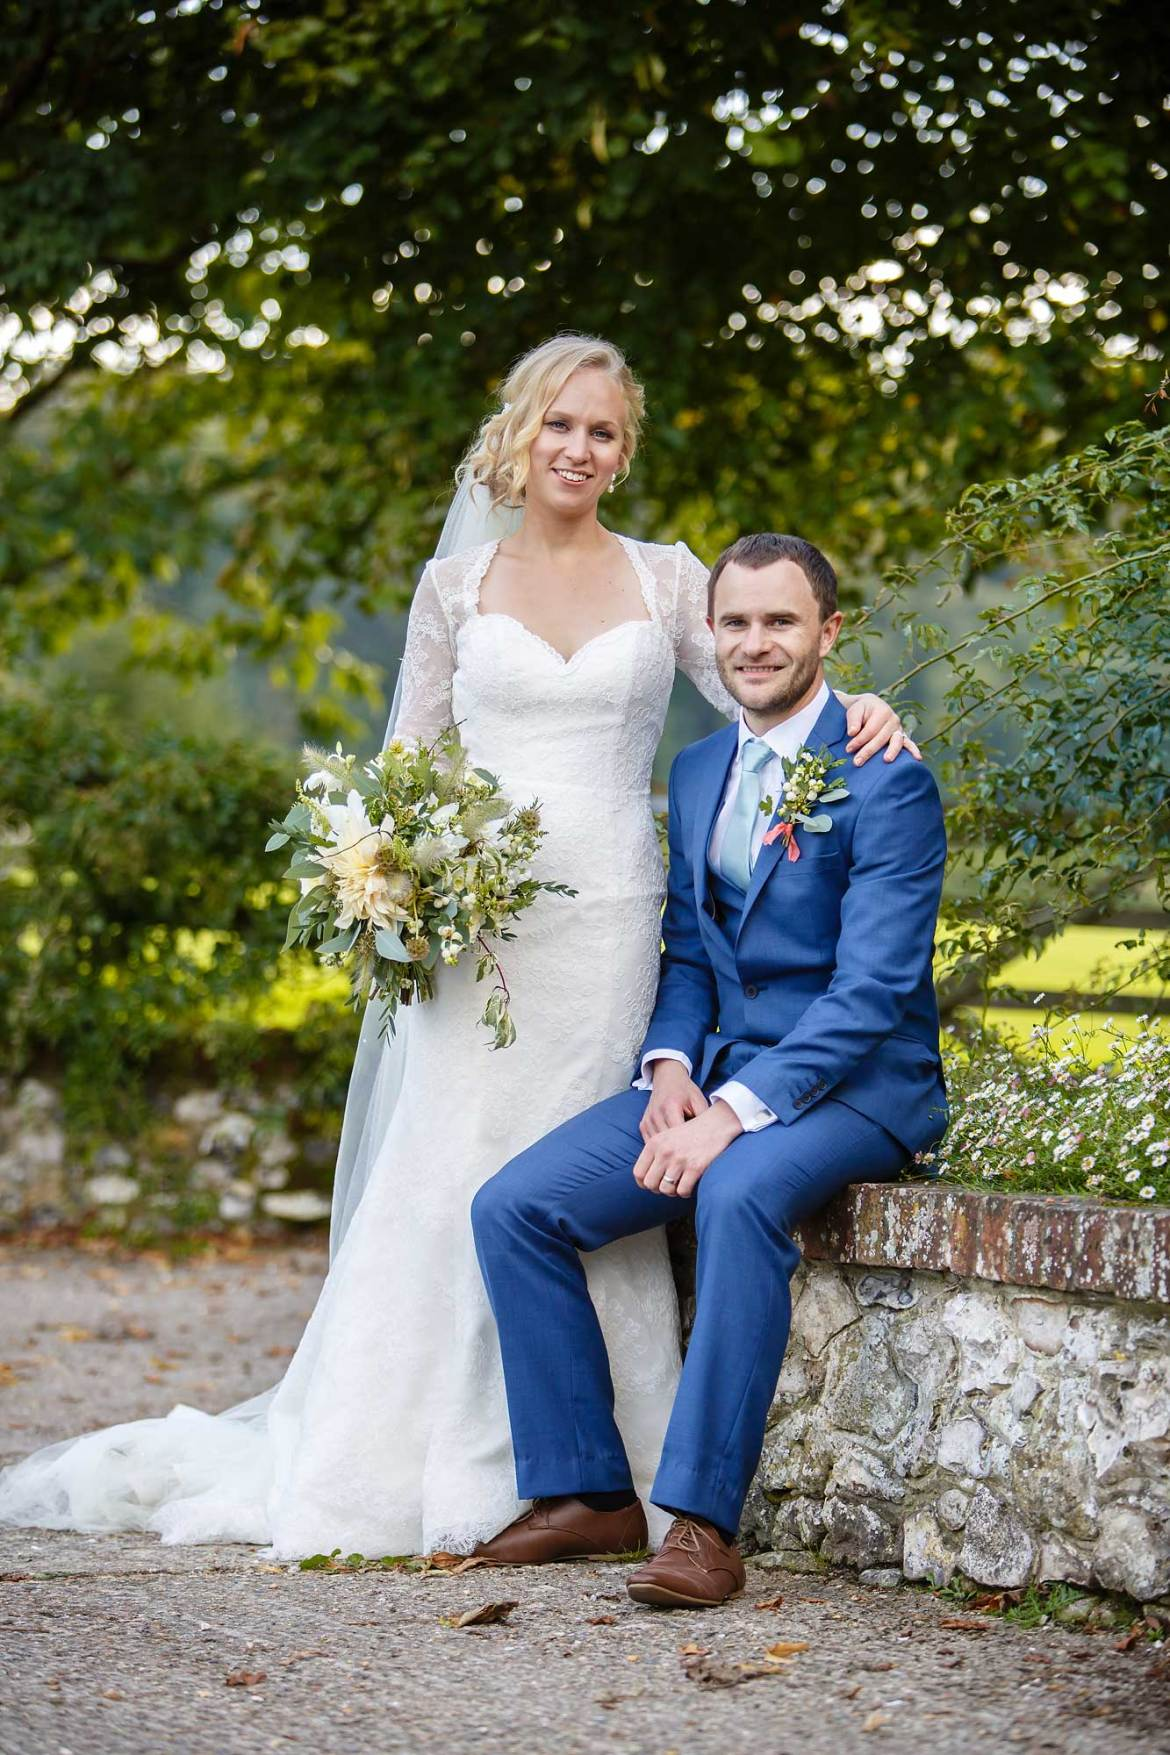 Tithe barn petersfield documentary wedding photos